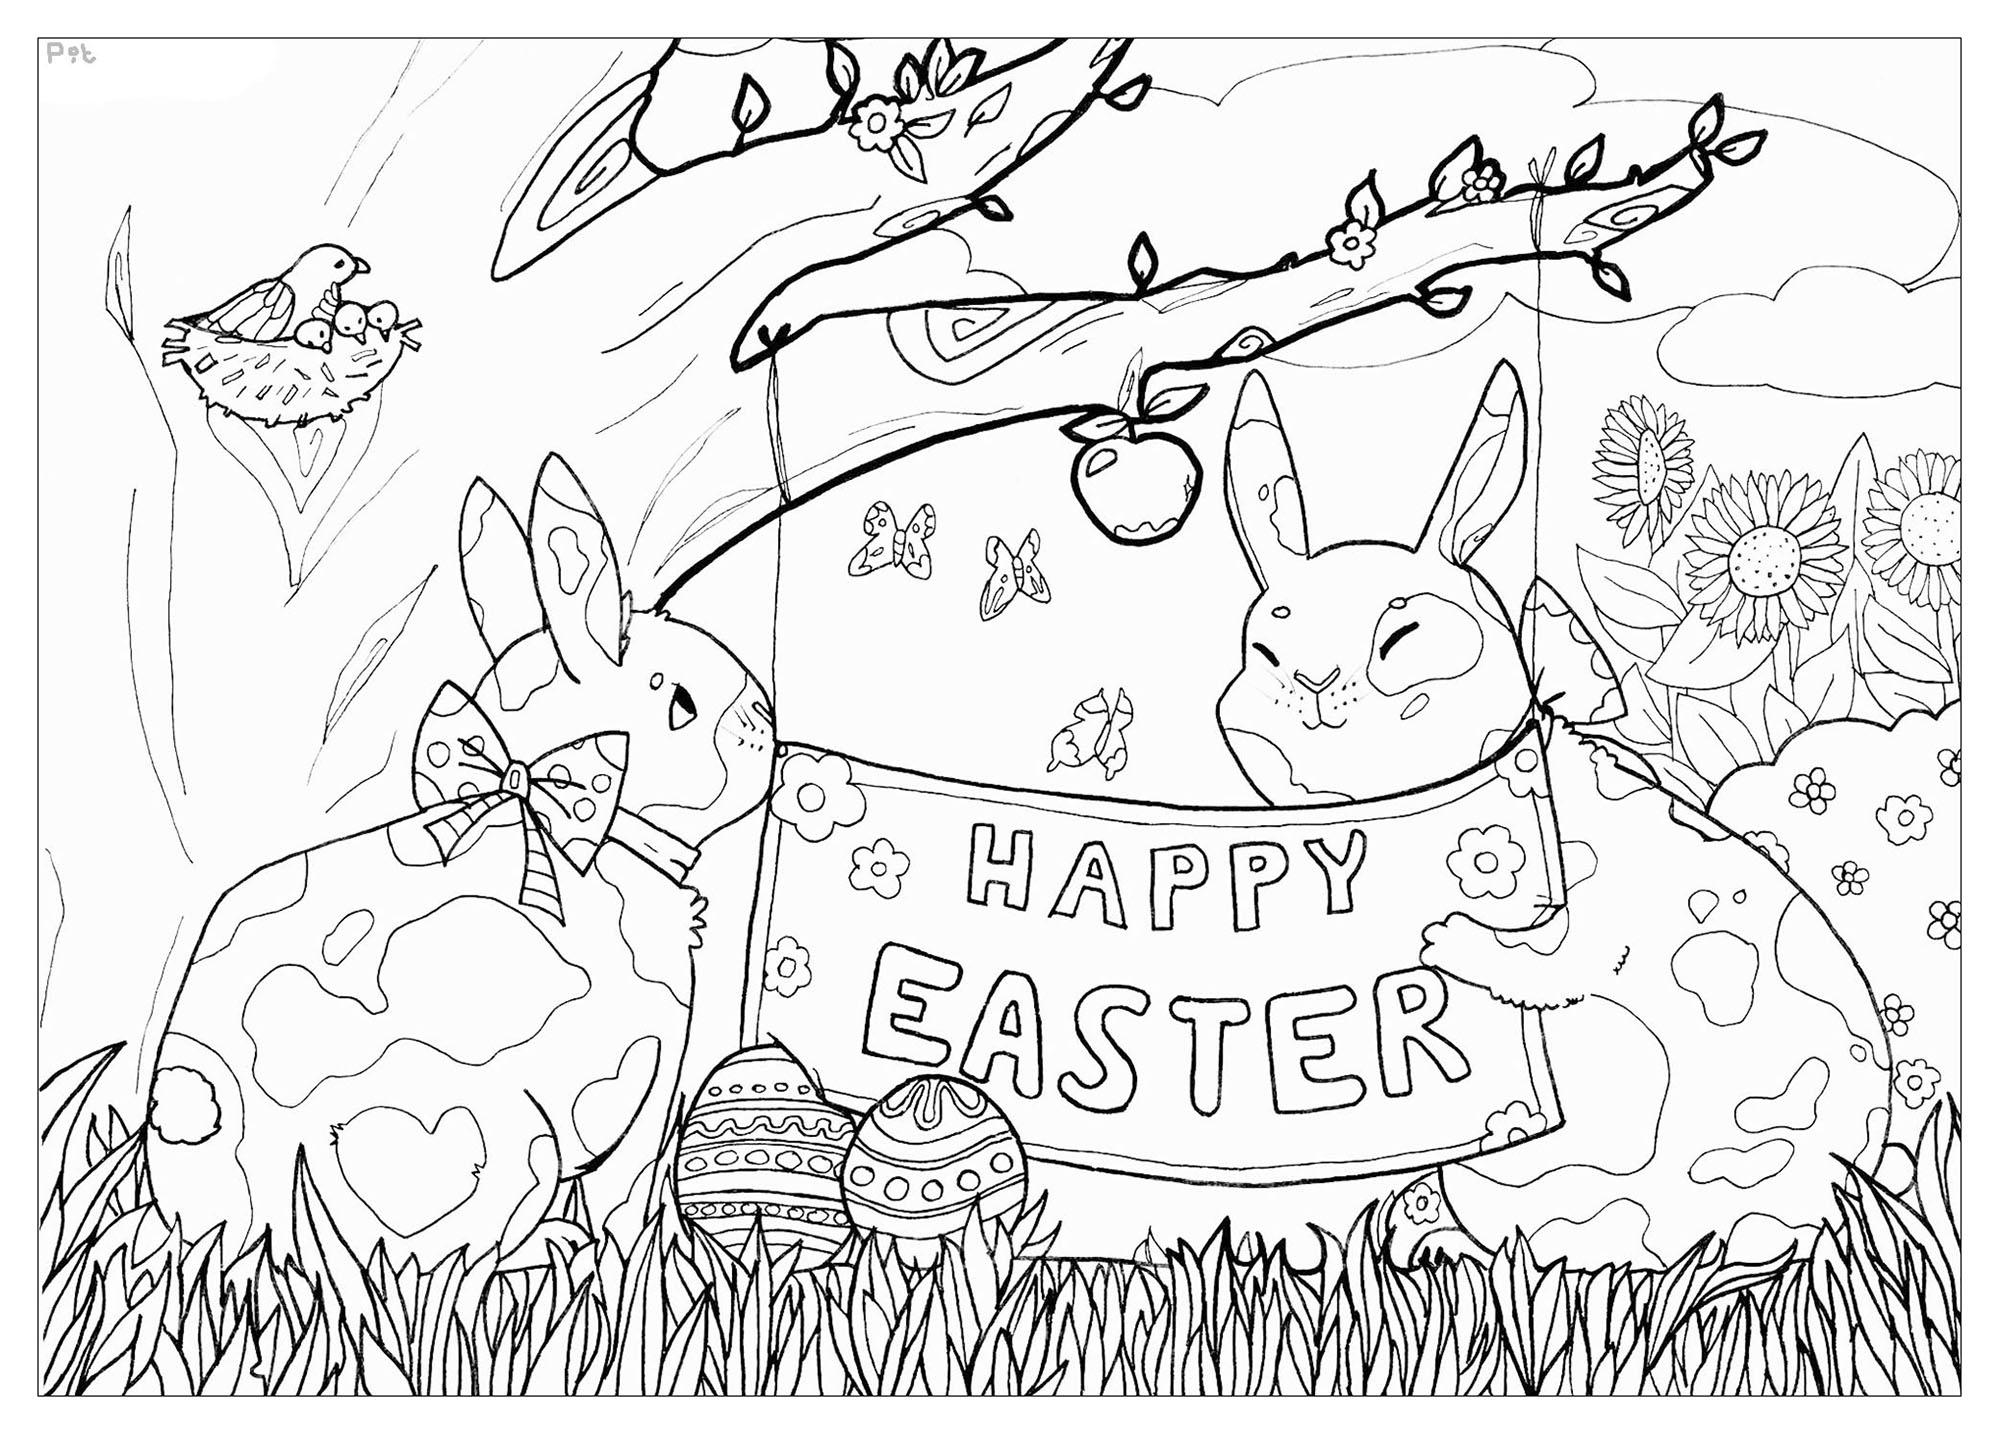 Disegni da colorare per adulti : Pasqua - 9